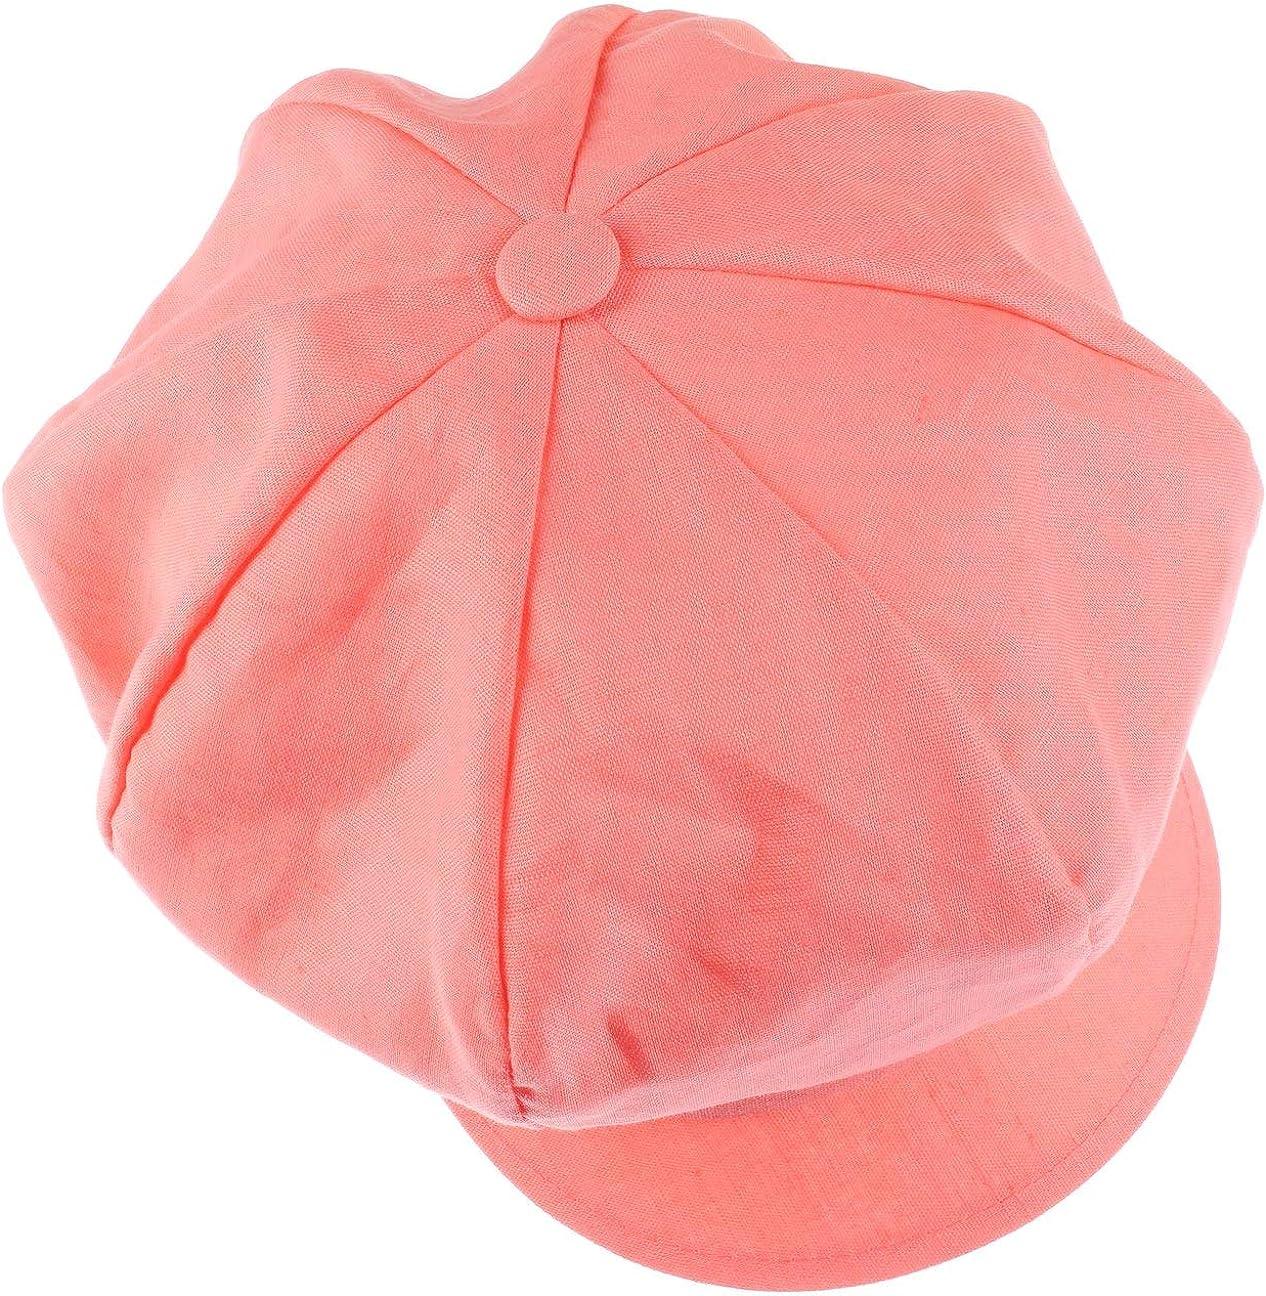 One Size ca. 54-61 cm Made in Italy Damencap mit elastischem Gummizug Schirmm/ütze aus Leinen und Baumwolle Lipodo Classic Ballonm/ütze Damen Newsboy-M/ütze Fr/ühjahr//Sommer